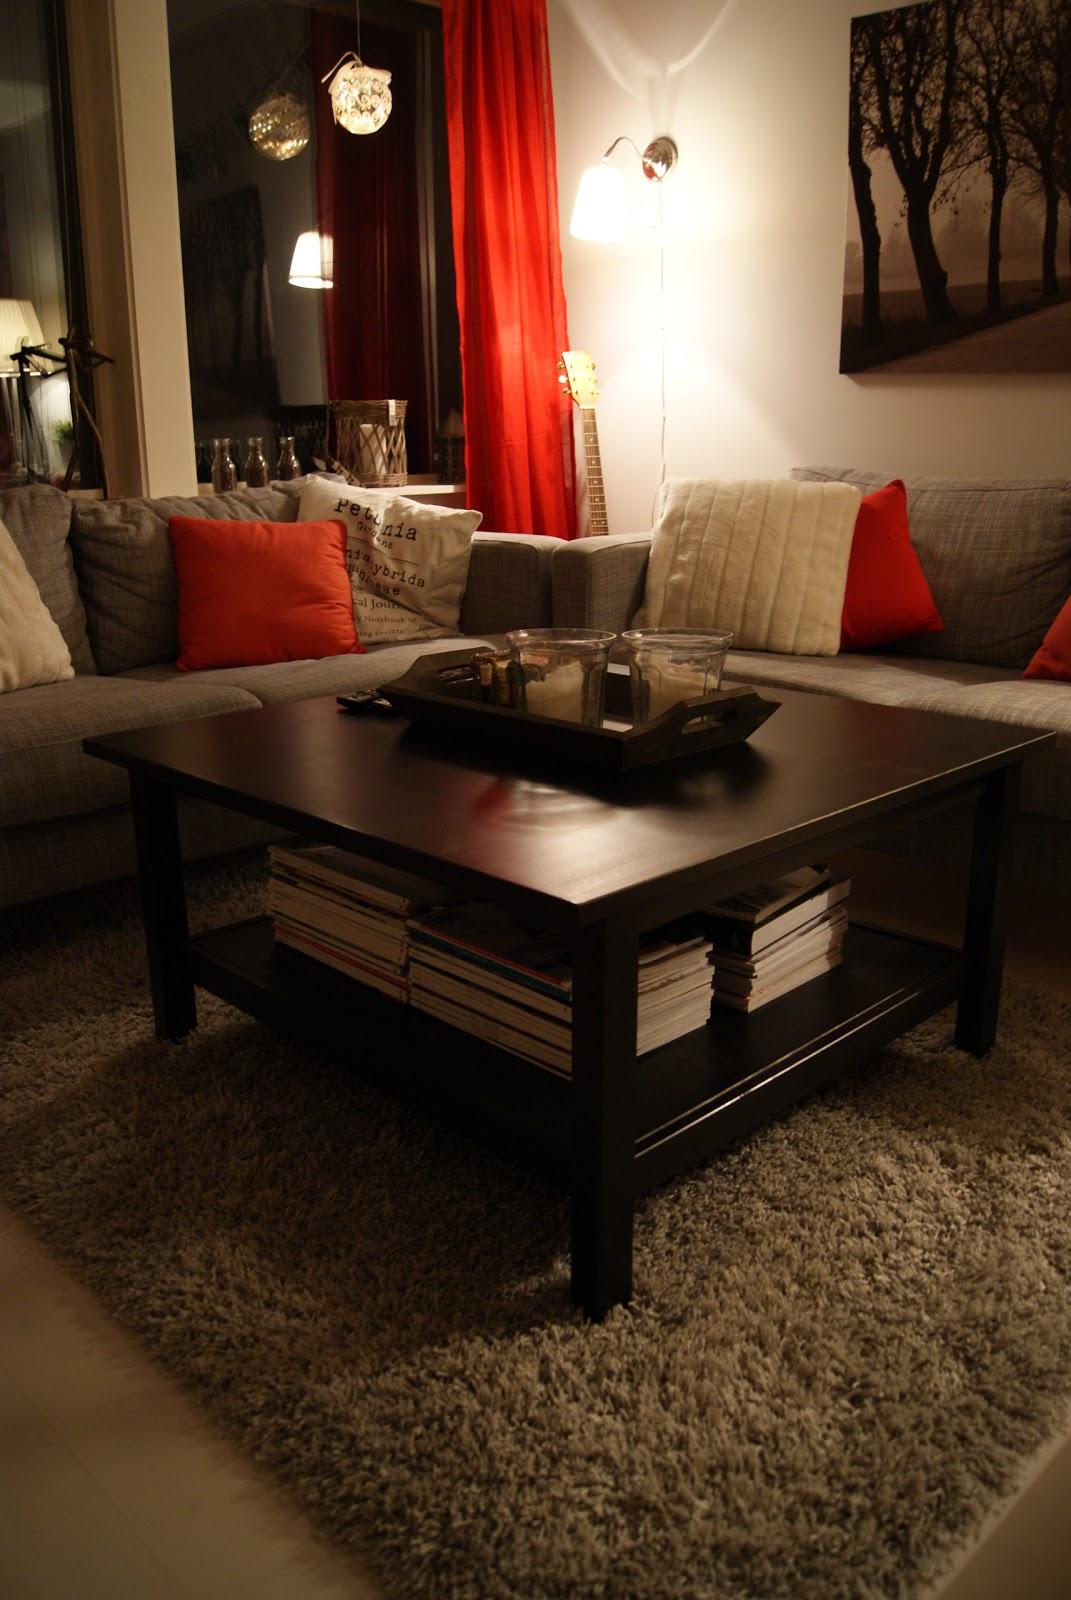 Fru hansens verden: nytt sofabord og teppe   og litt mer jul